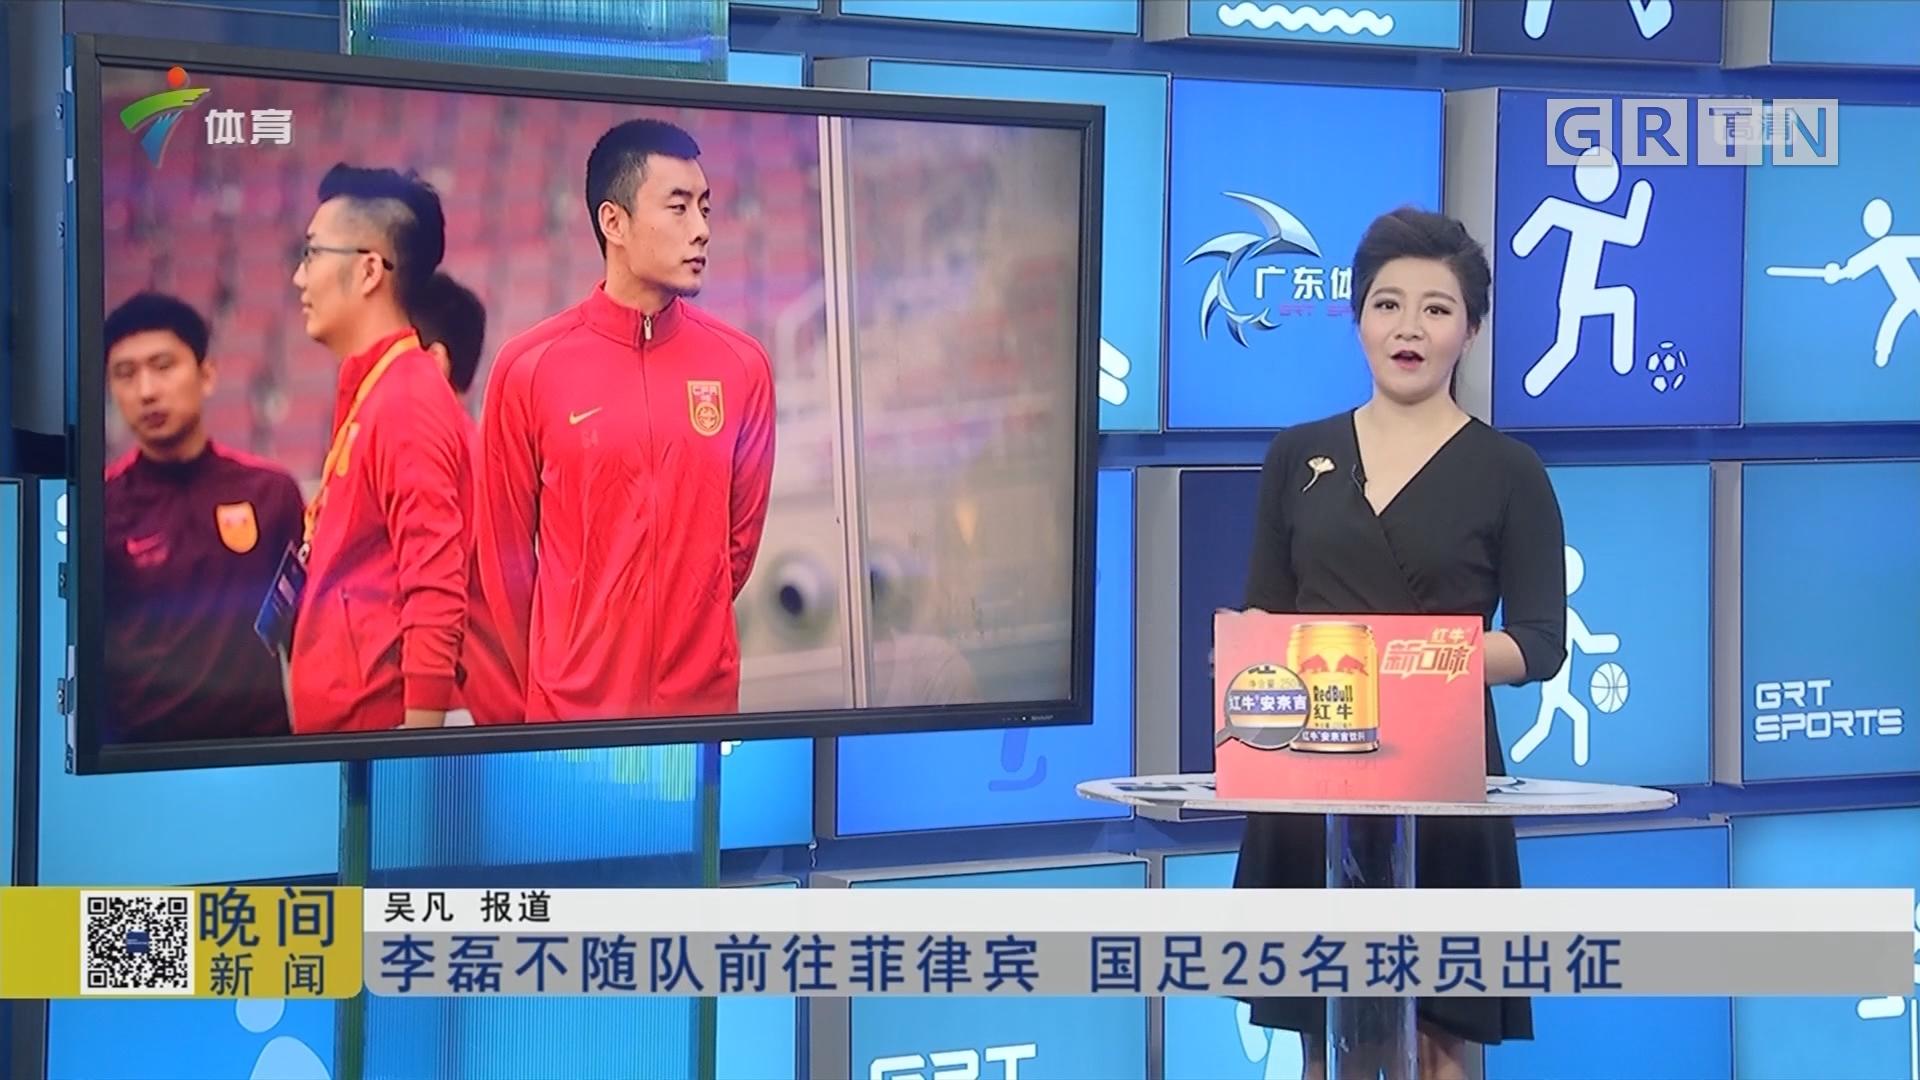 李磊不隨隊前往菲律賓 國足25名球員出征